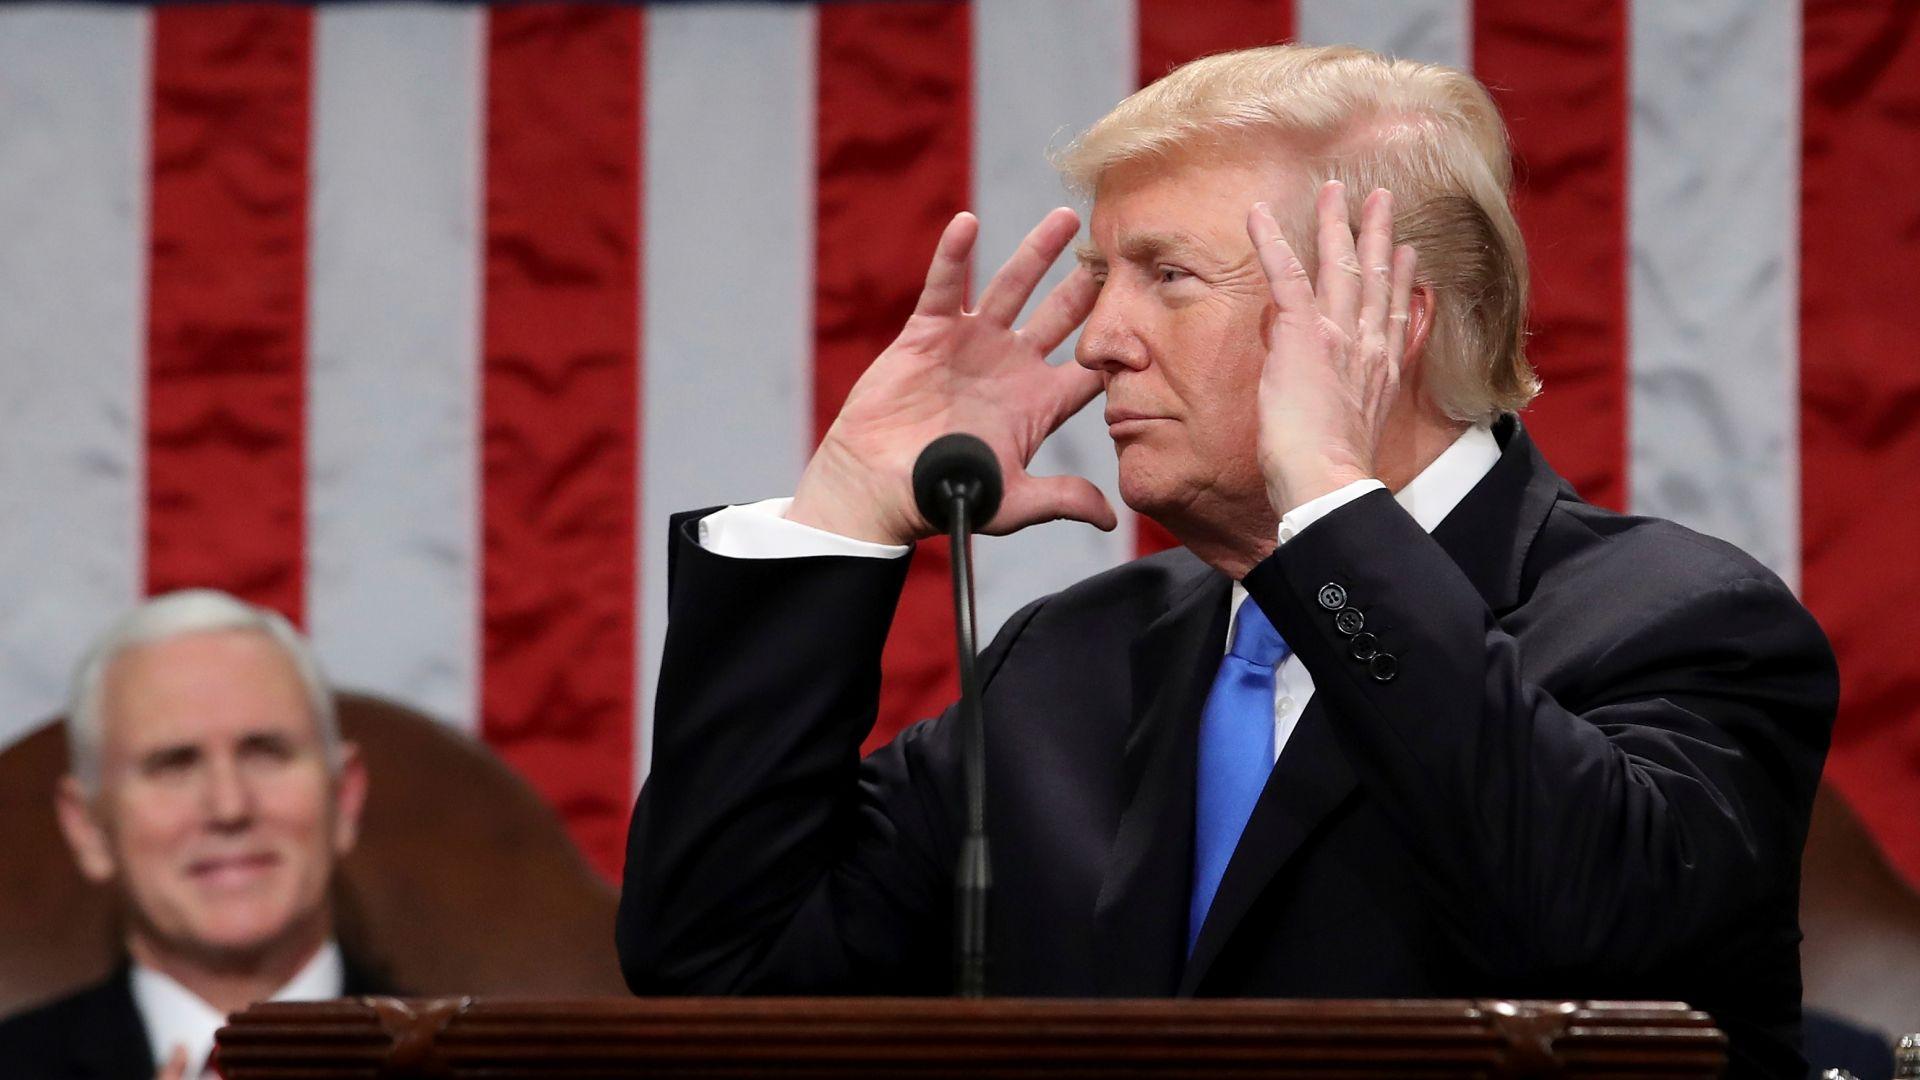 САЩ ще се изтеглят от Сирия възможно най-бързо